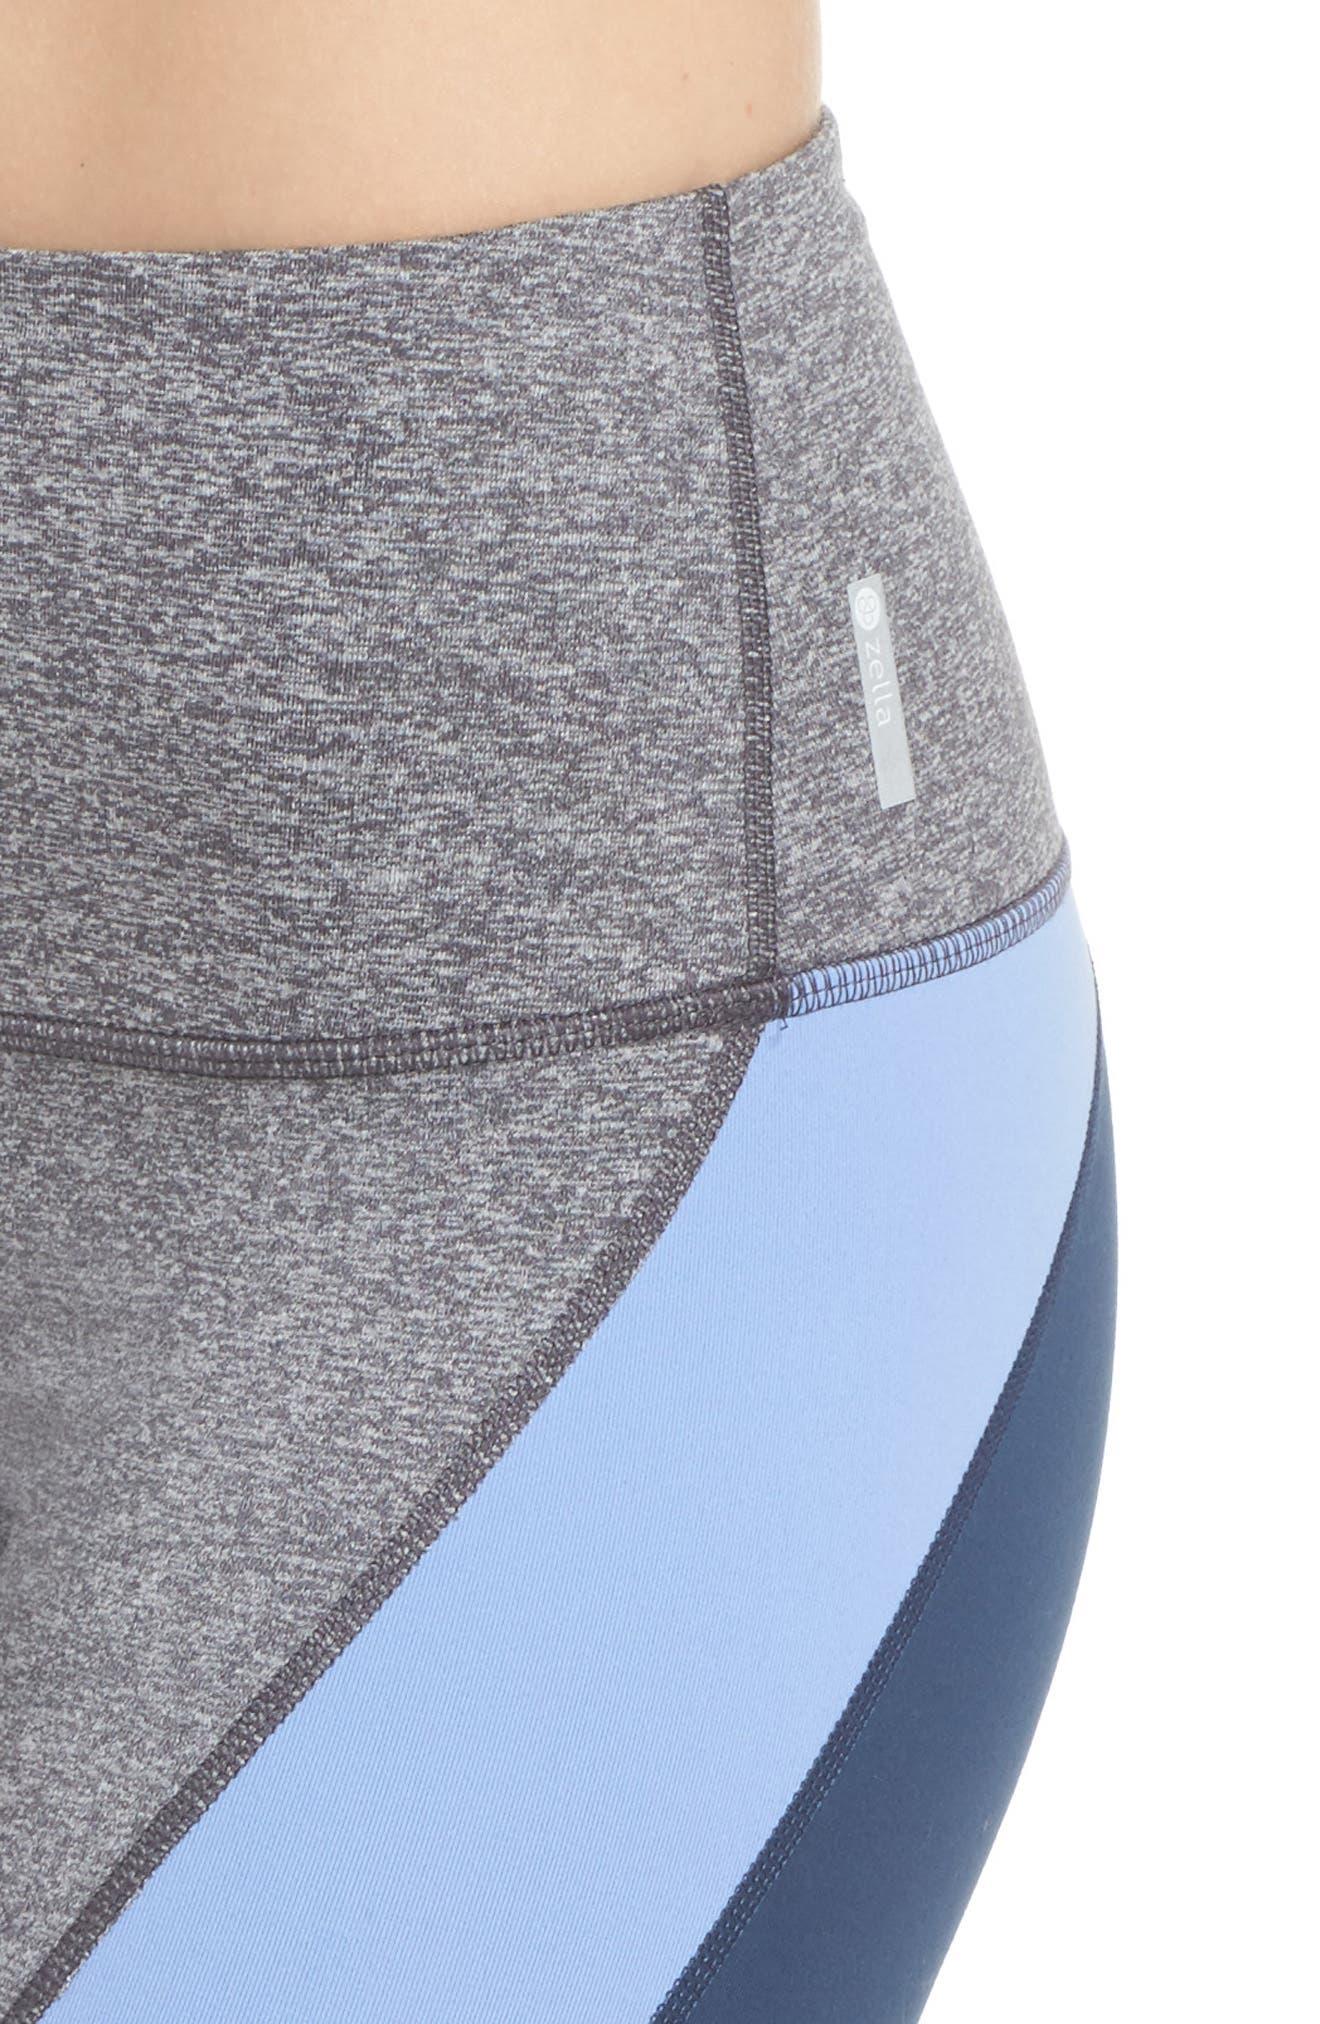 Get in Line High Waist Leggings,                             Alternate thumbnail 4, color,                             Grey Graphite Melange